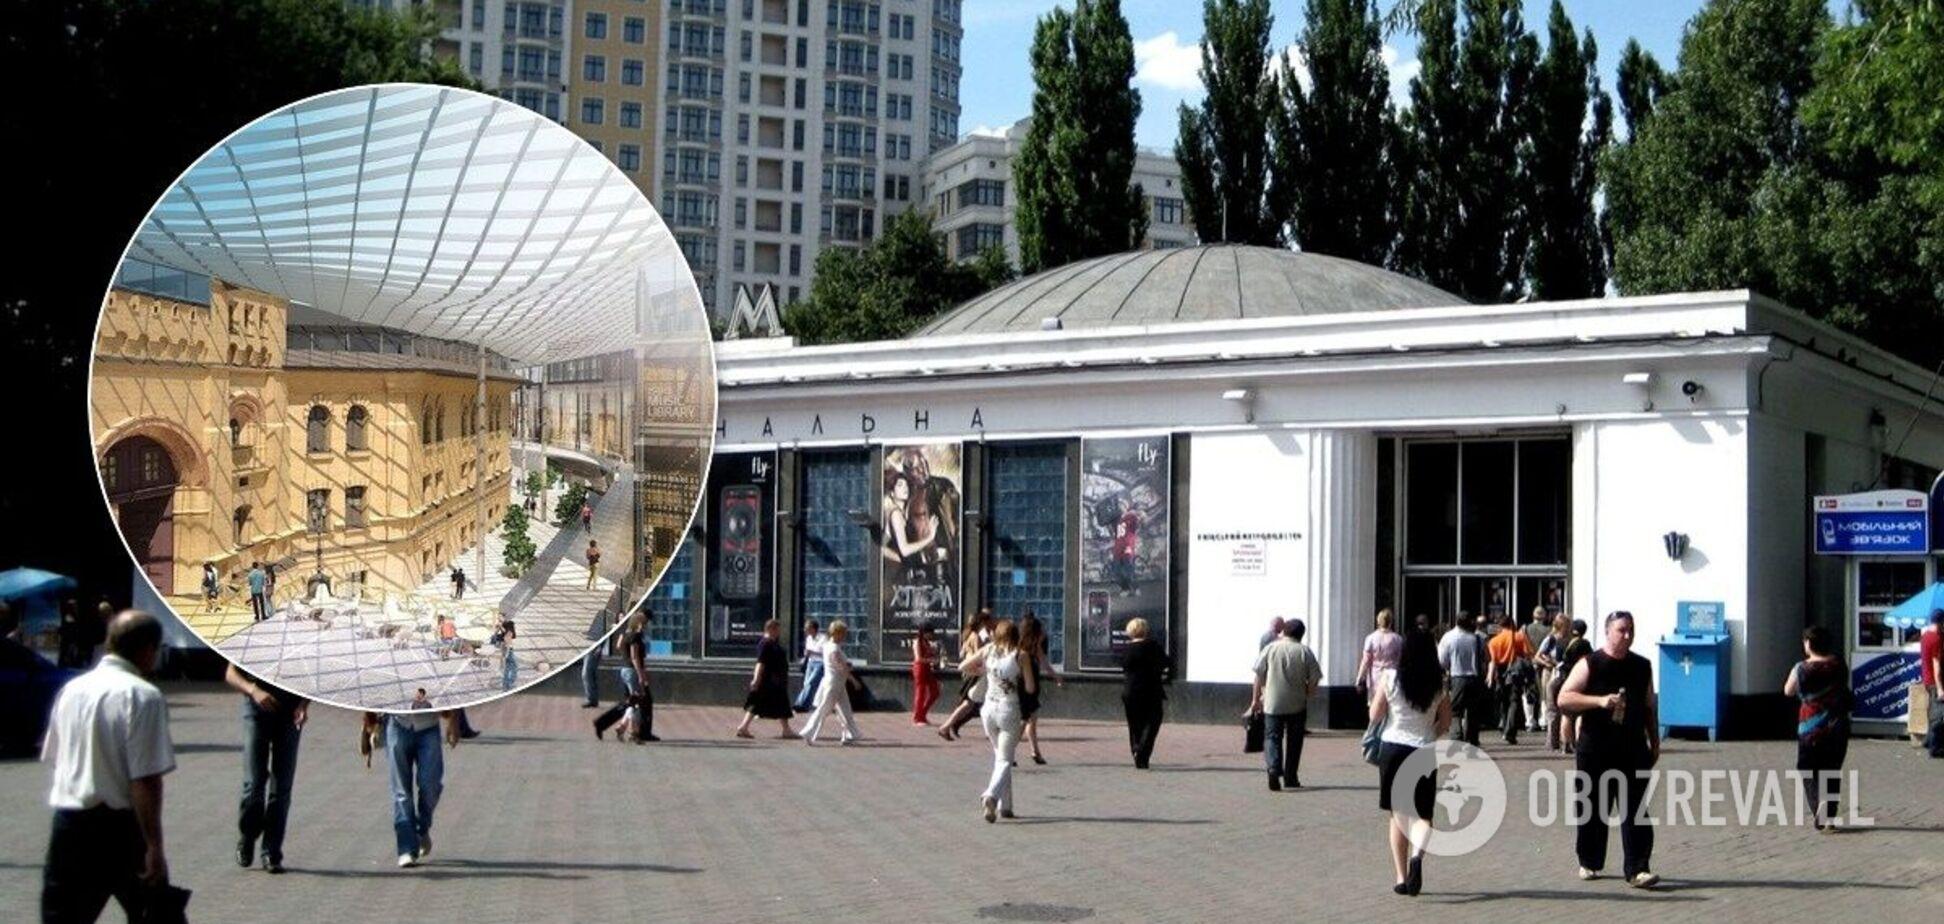 Также ведутся работы над строительством стеклянной галереи